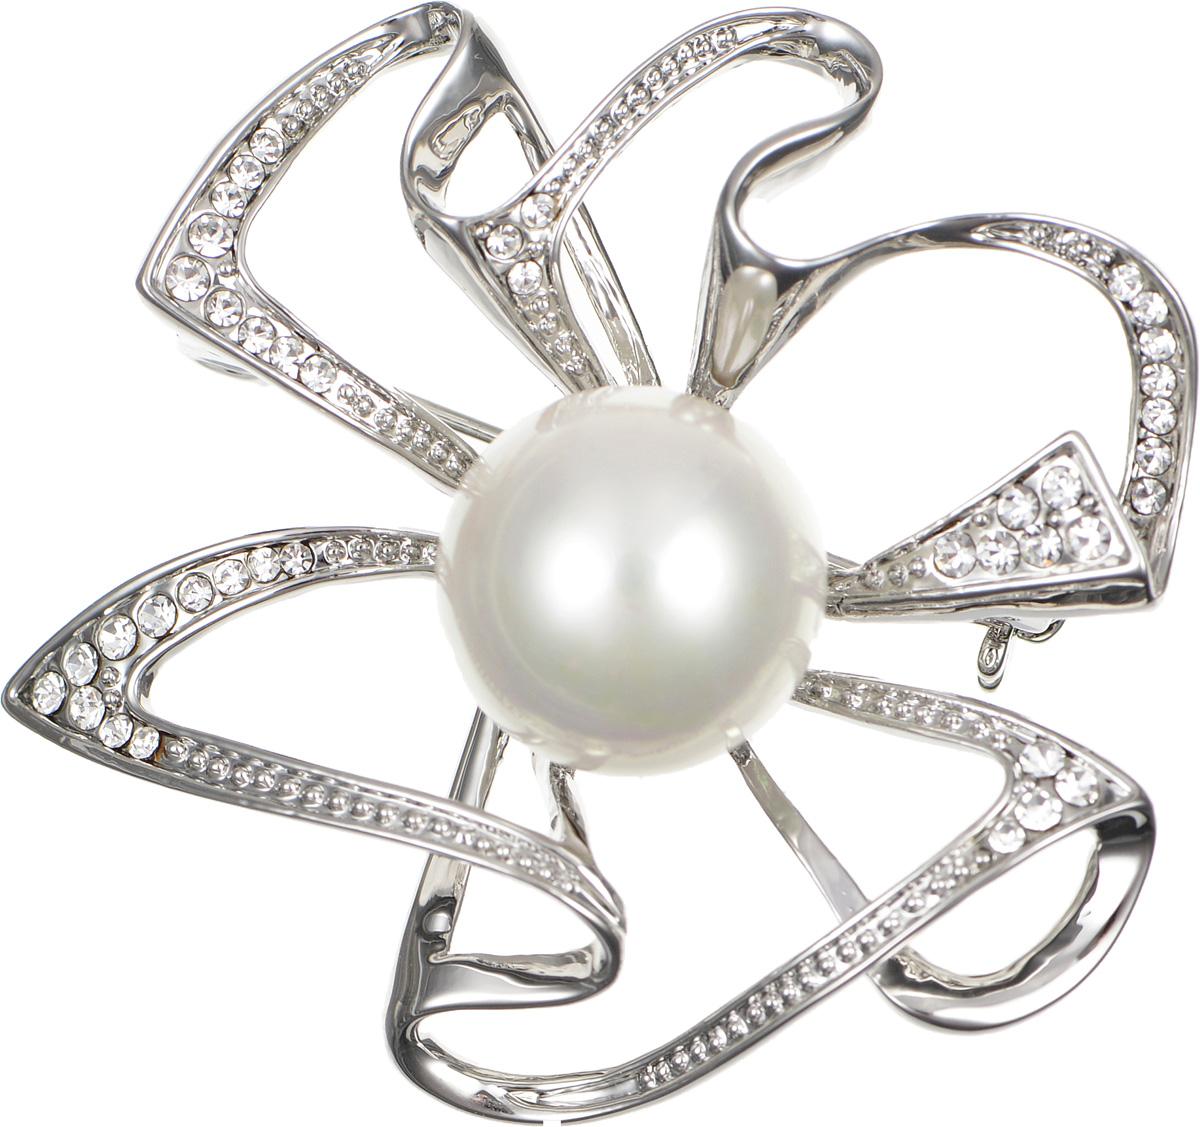 Брошь жен. Selena Селена Street Fashion, цвет: белый, серебристый. 3002644030026440Искусственный жемчуг, кристаллы Preciosa. Гальваническое покрытие: родий.